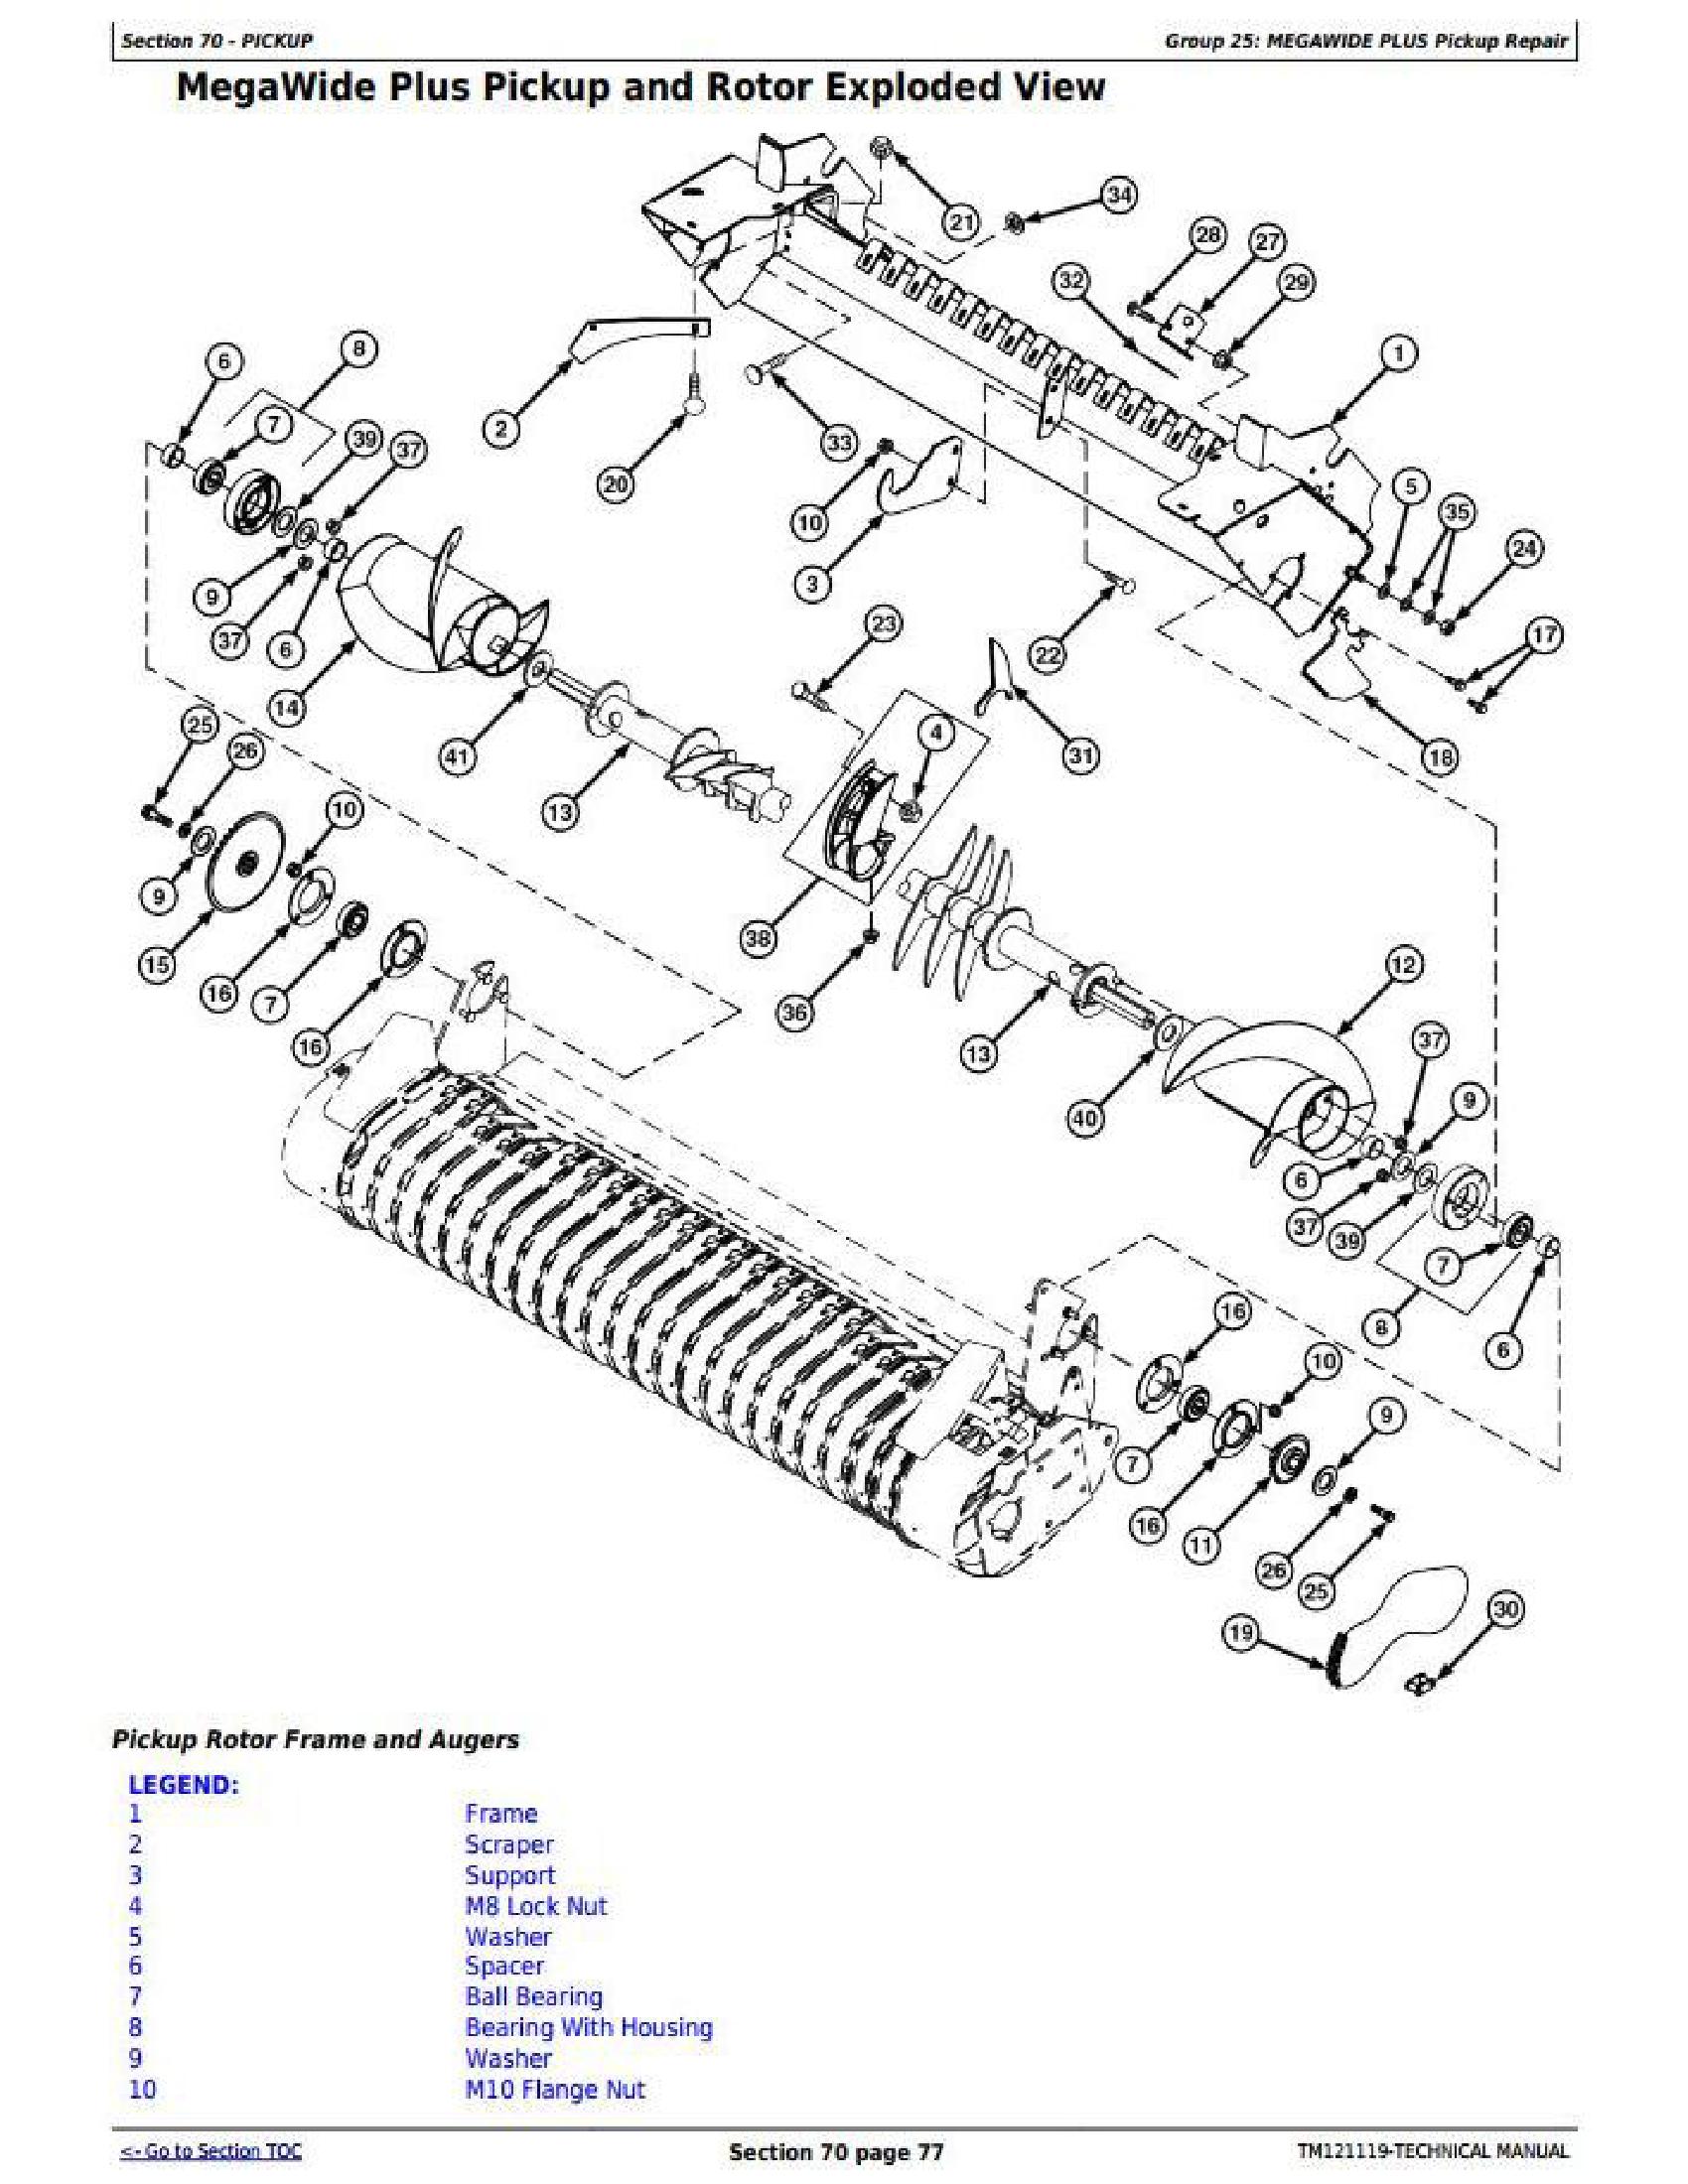 John Deere 559 manual pdf